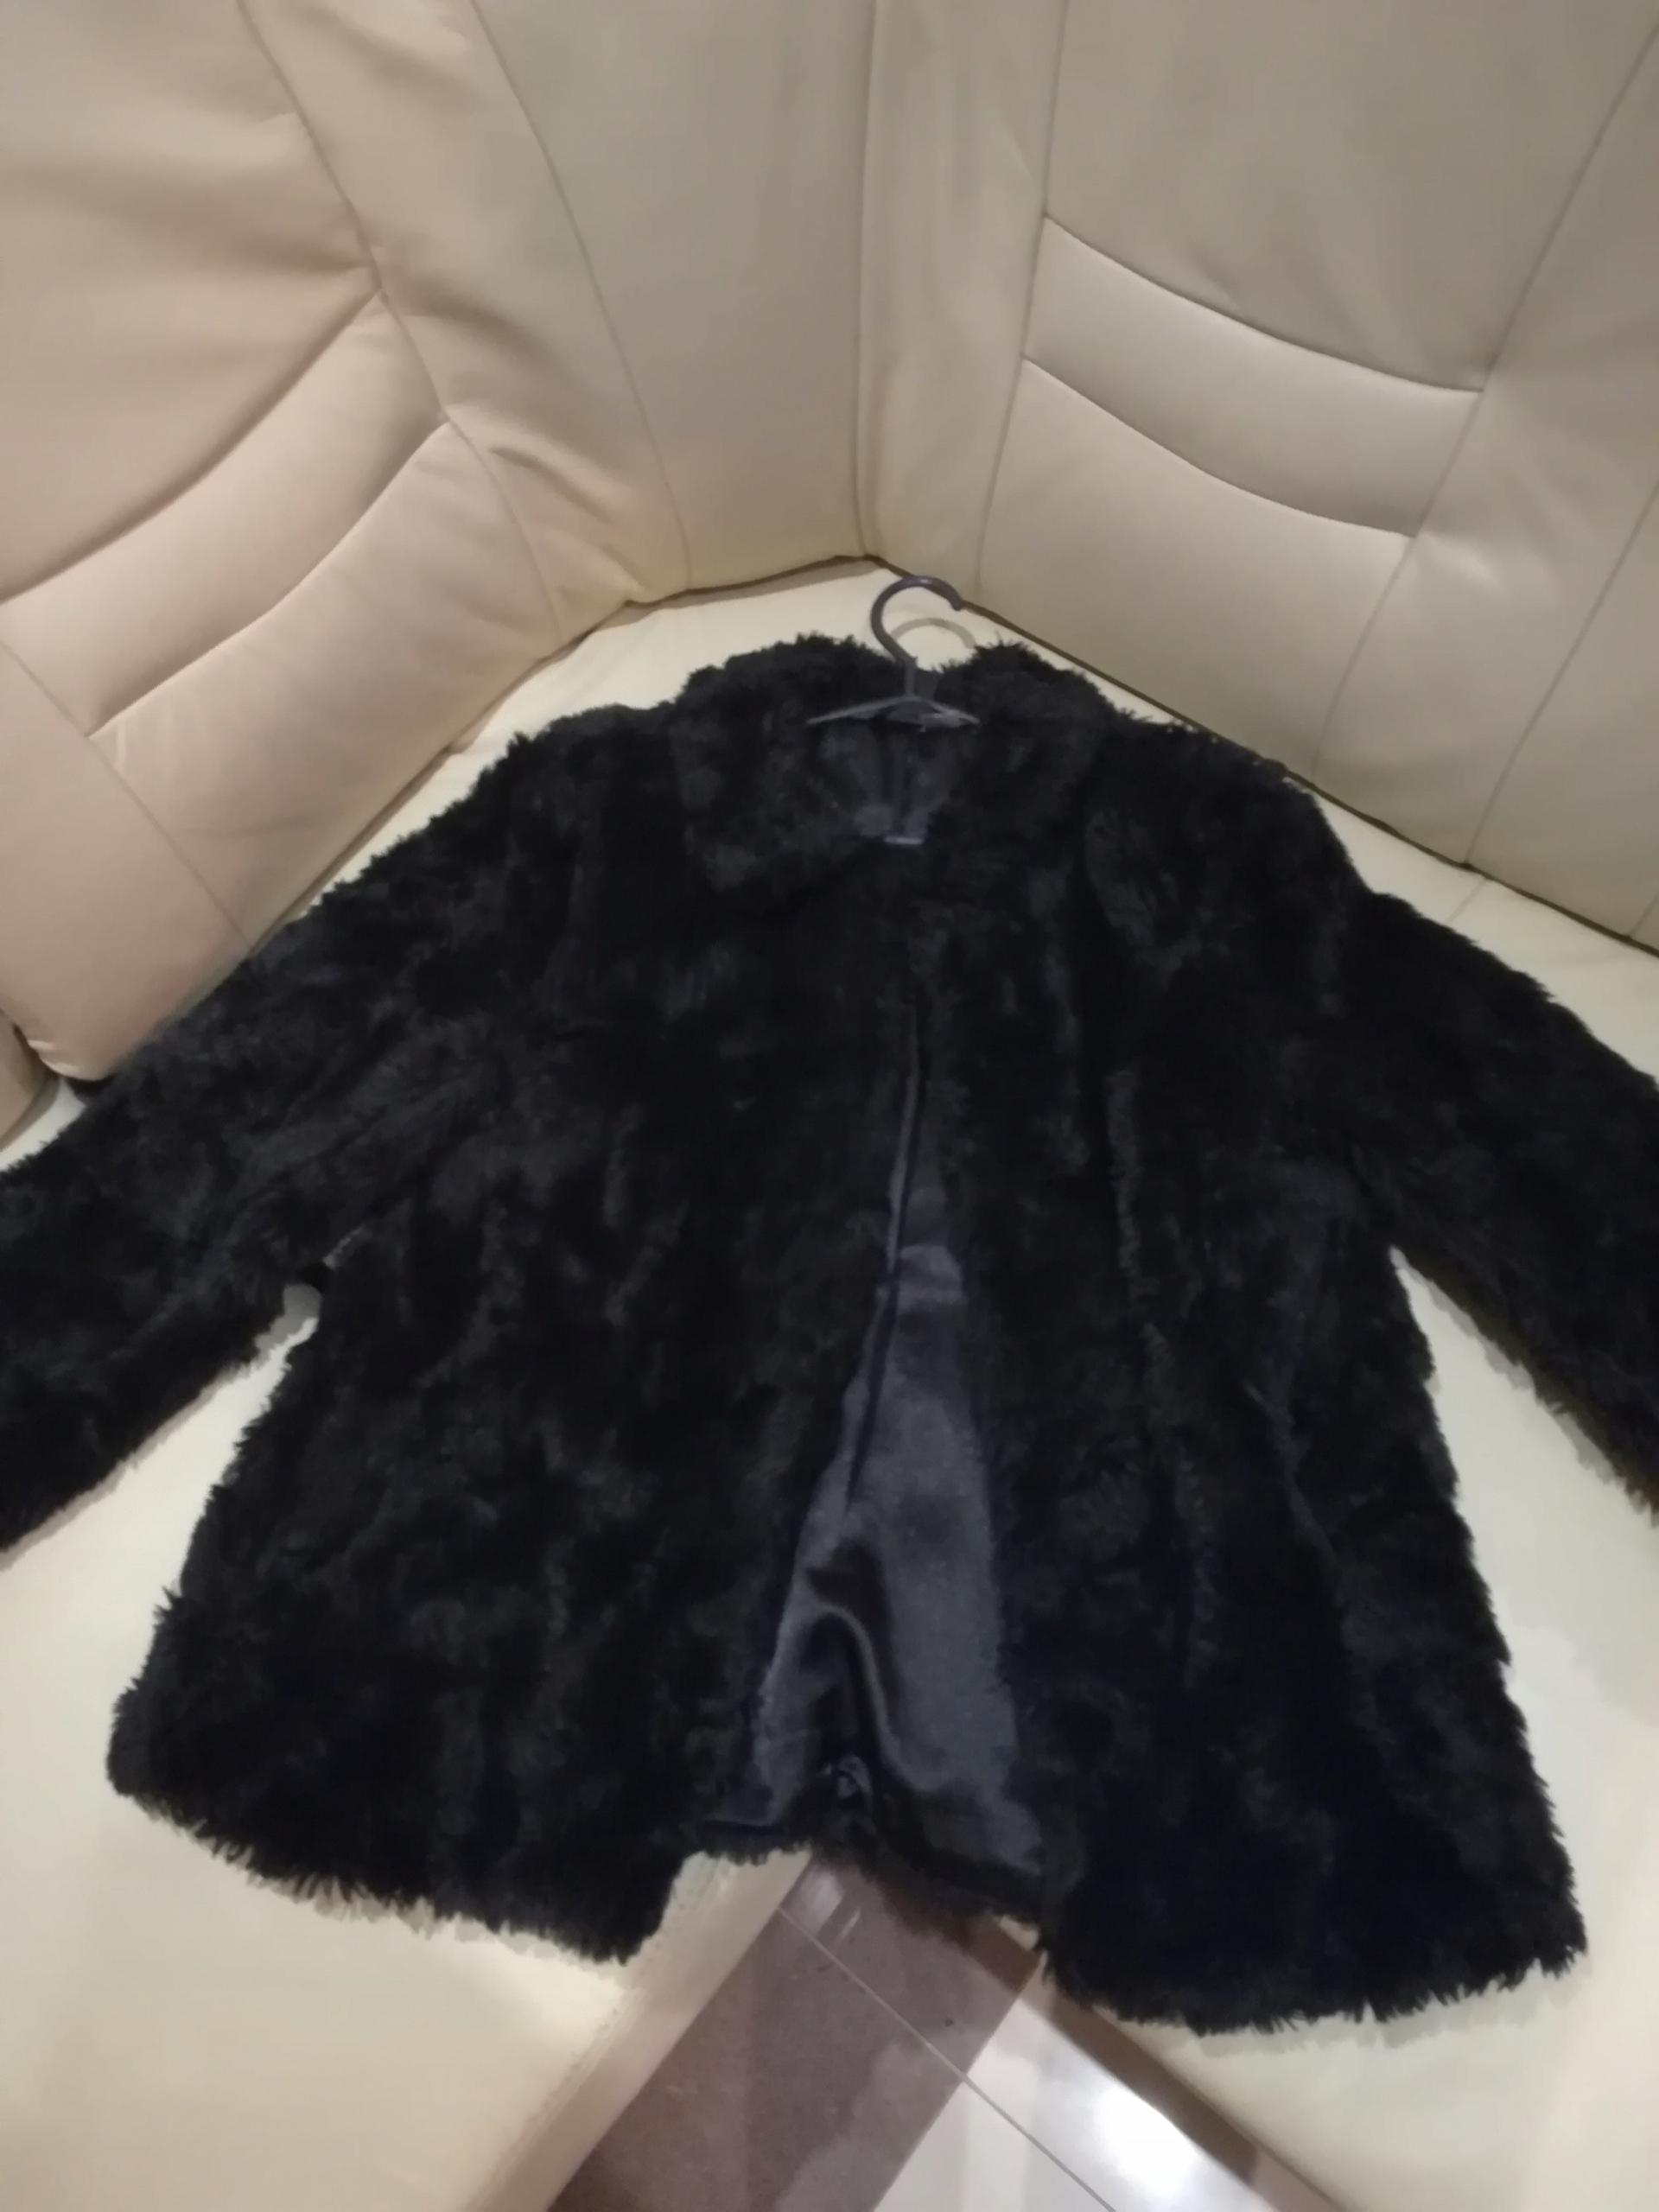 Futerko czarne 40L